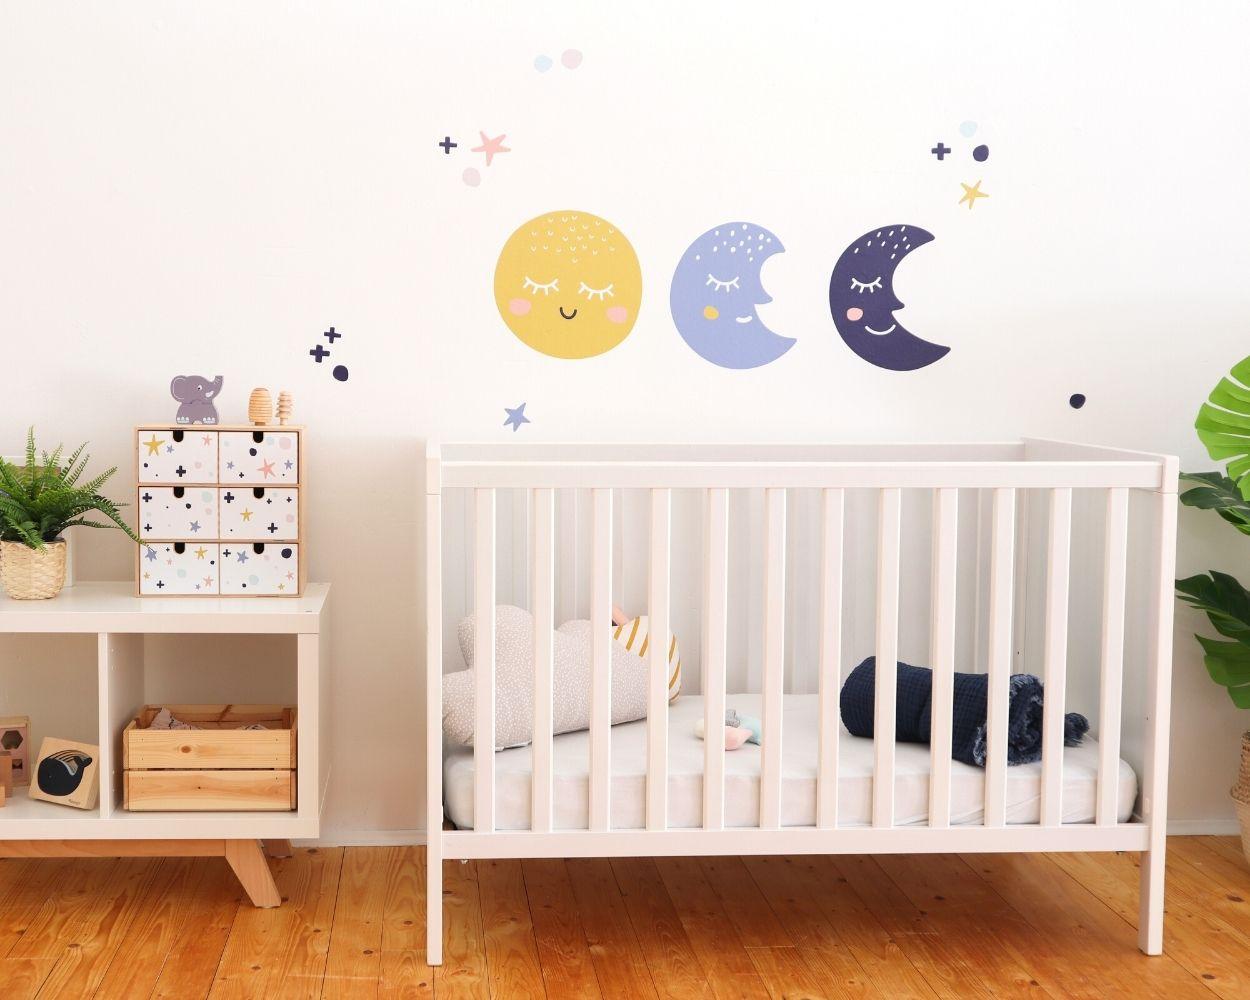 Babyzimmer Wandgestaltung Mond